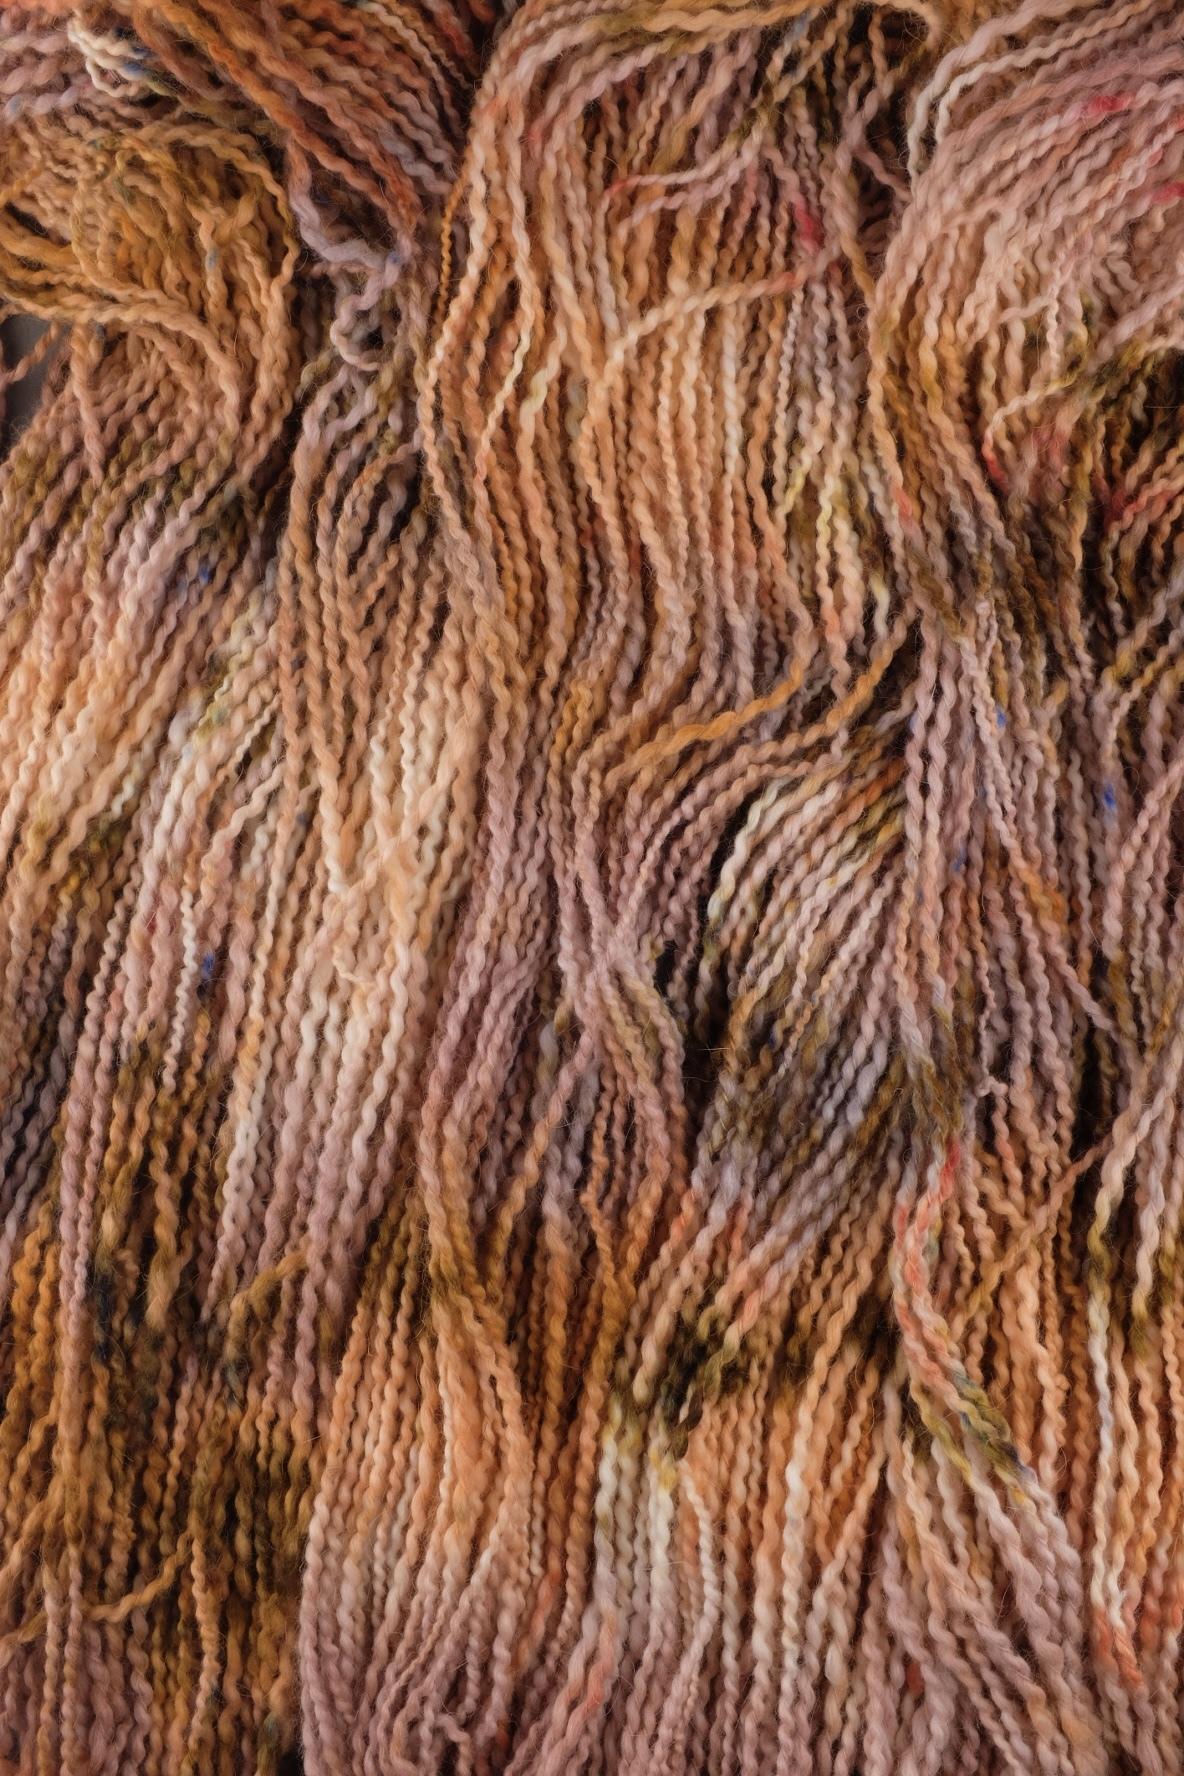 Пряжа из ангоры ручного прядения и секционного окрашивания, цвет рыжая, розовая меланж